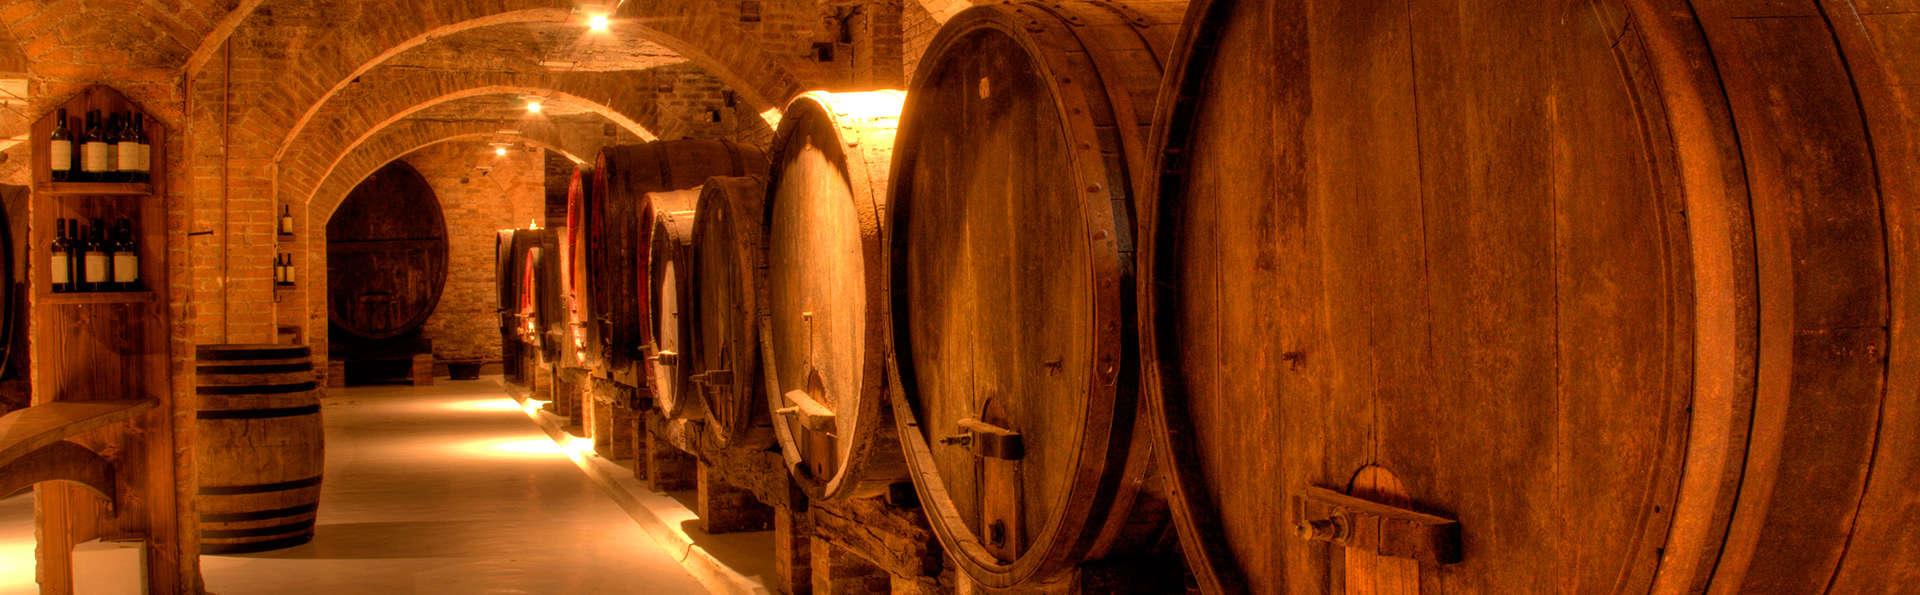 Ontdekkingsweekend van de champagneroute in de buurt van Troyes